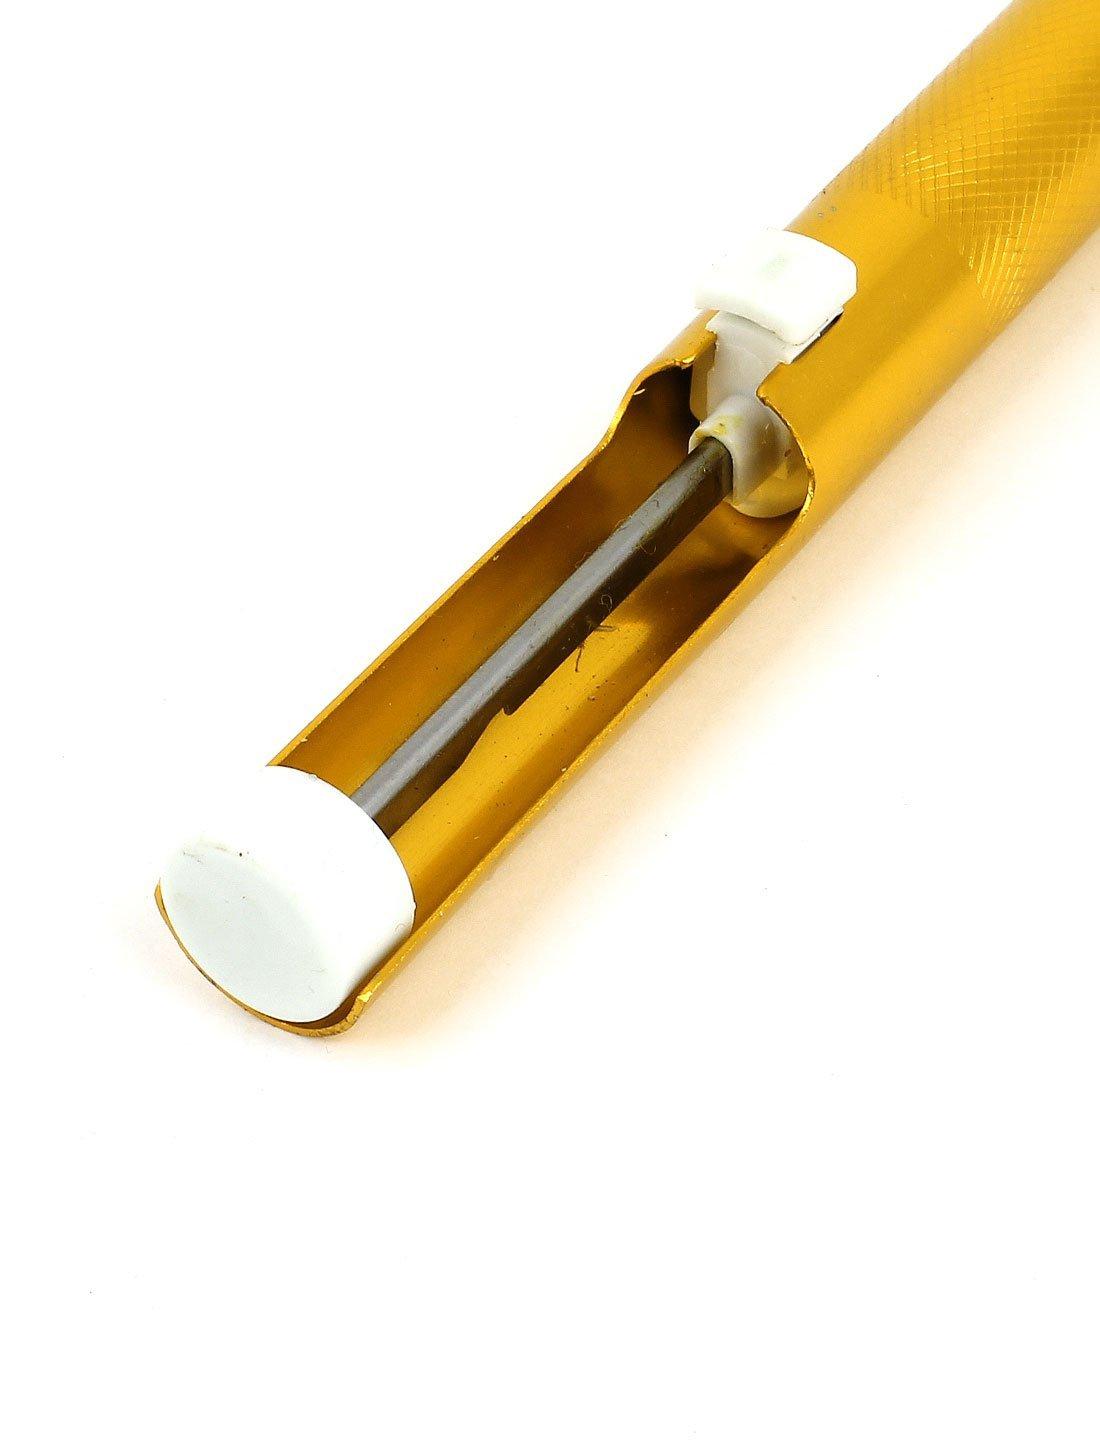 La eliminación de la bomba de desoldar Sucker Solder Irons tono herramienta del removedor de Oro - - Amazon.com